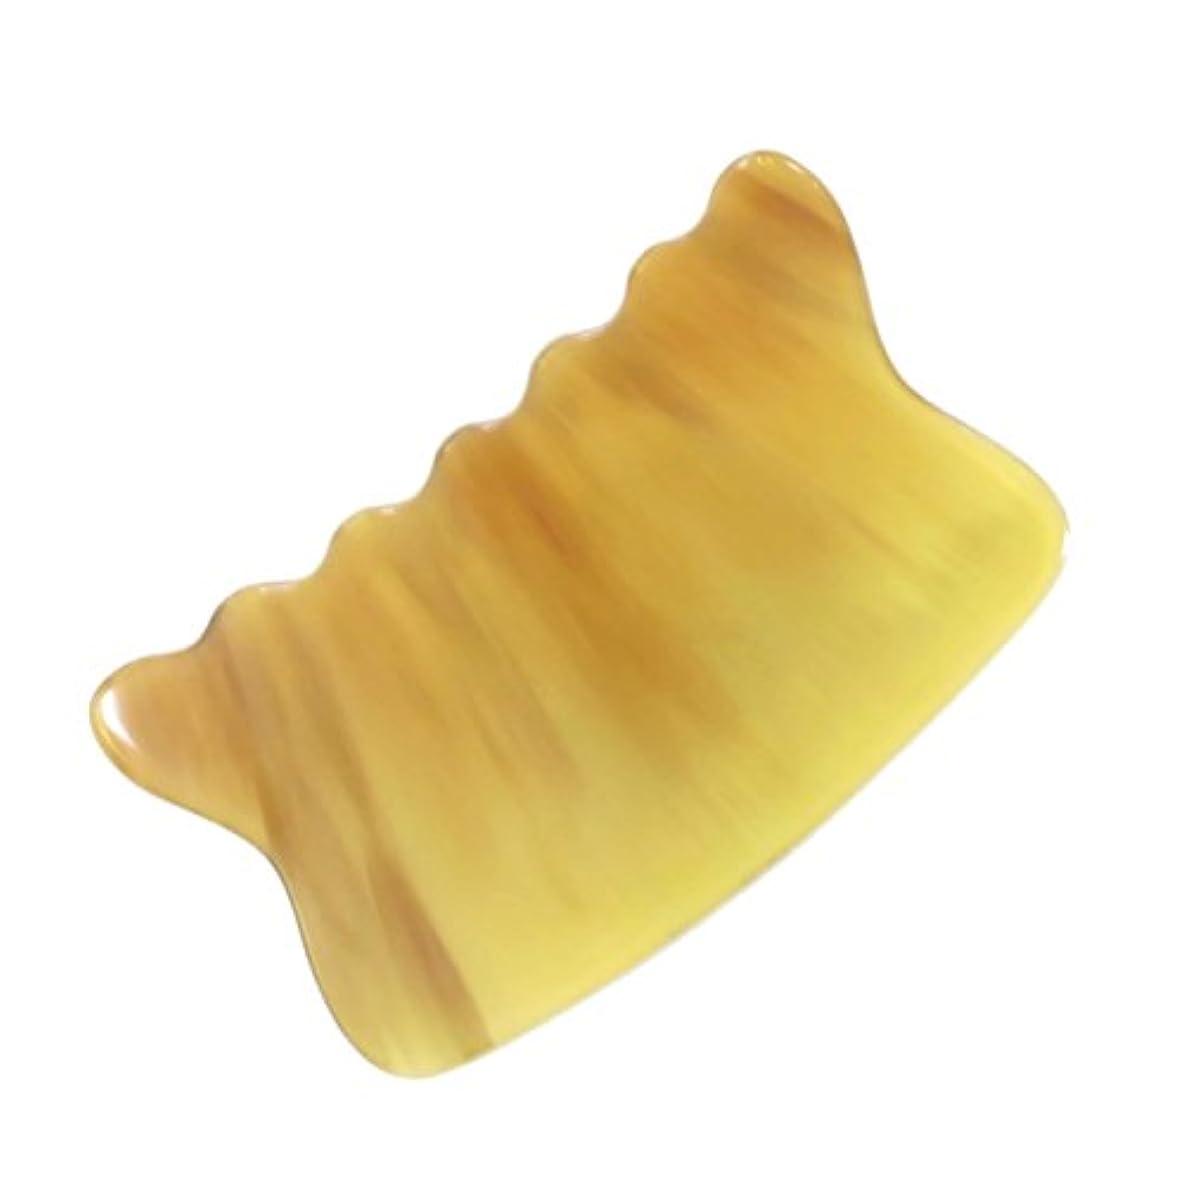 優雅鋭く臨検かっさ プレート 希少62 黄水牛角 極美品 曲波型